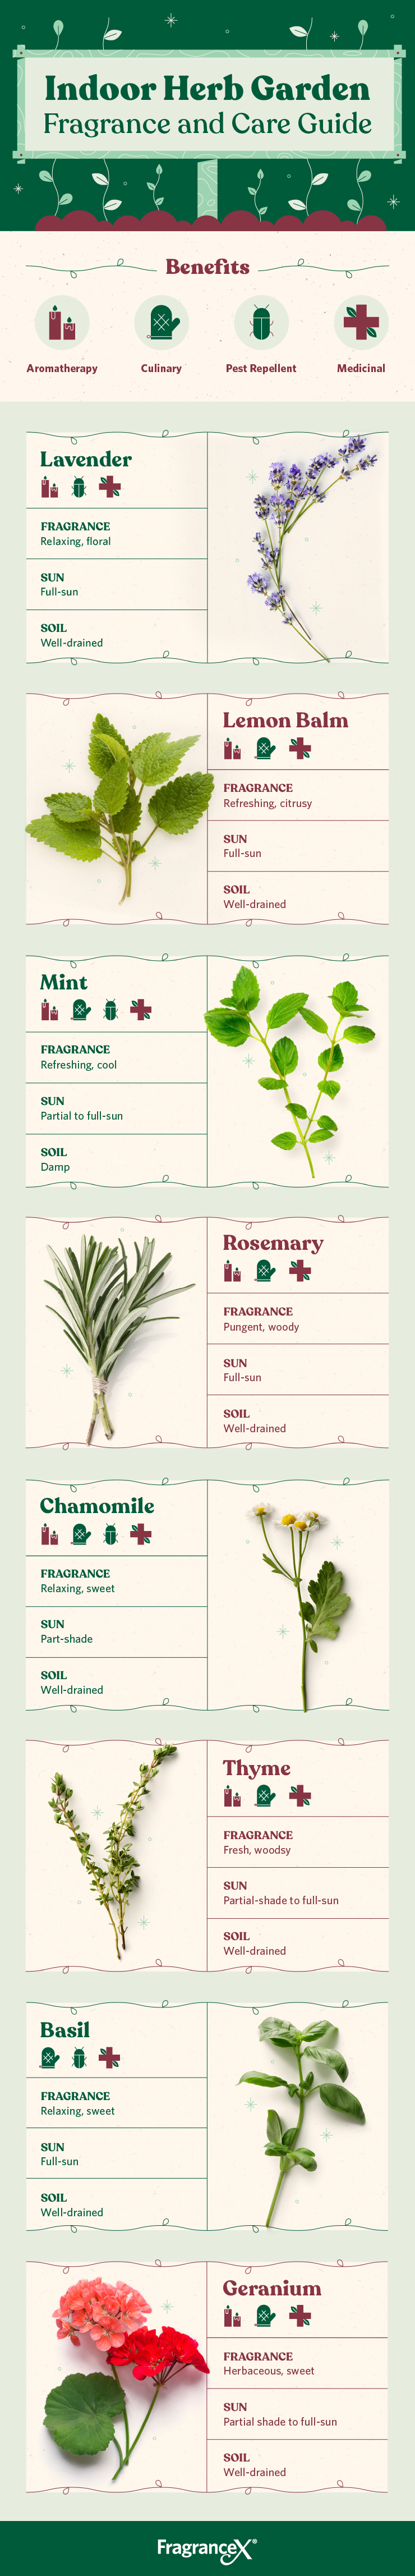 indoor herb garden infographic